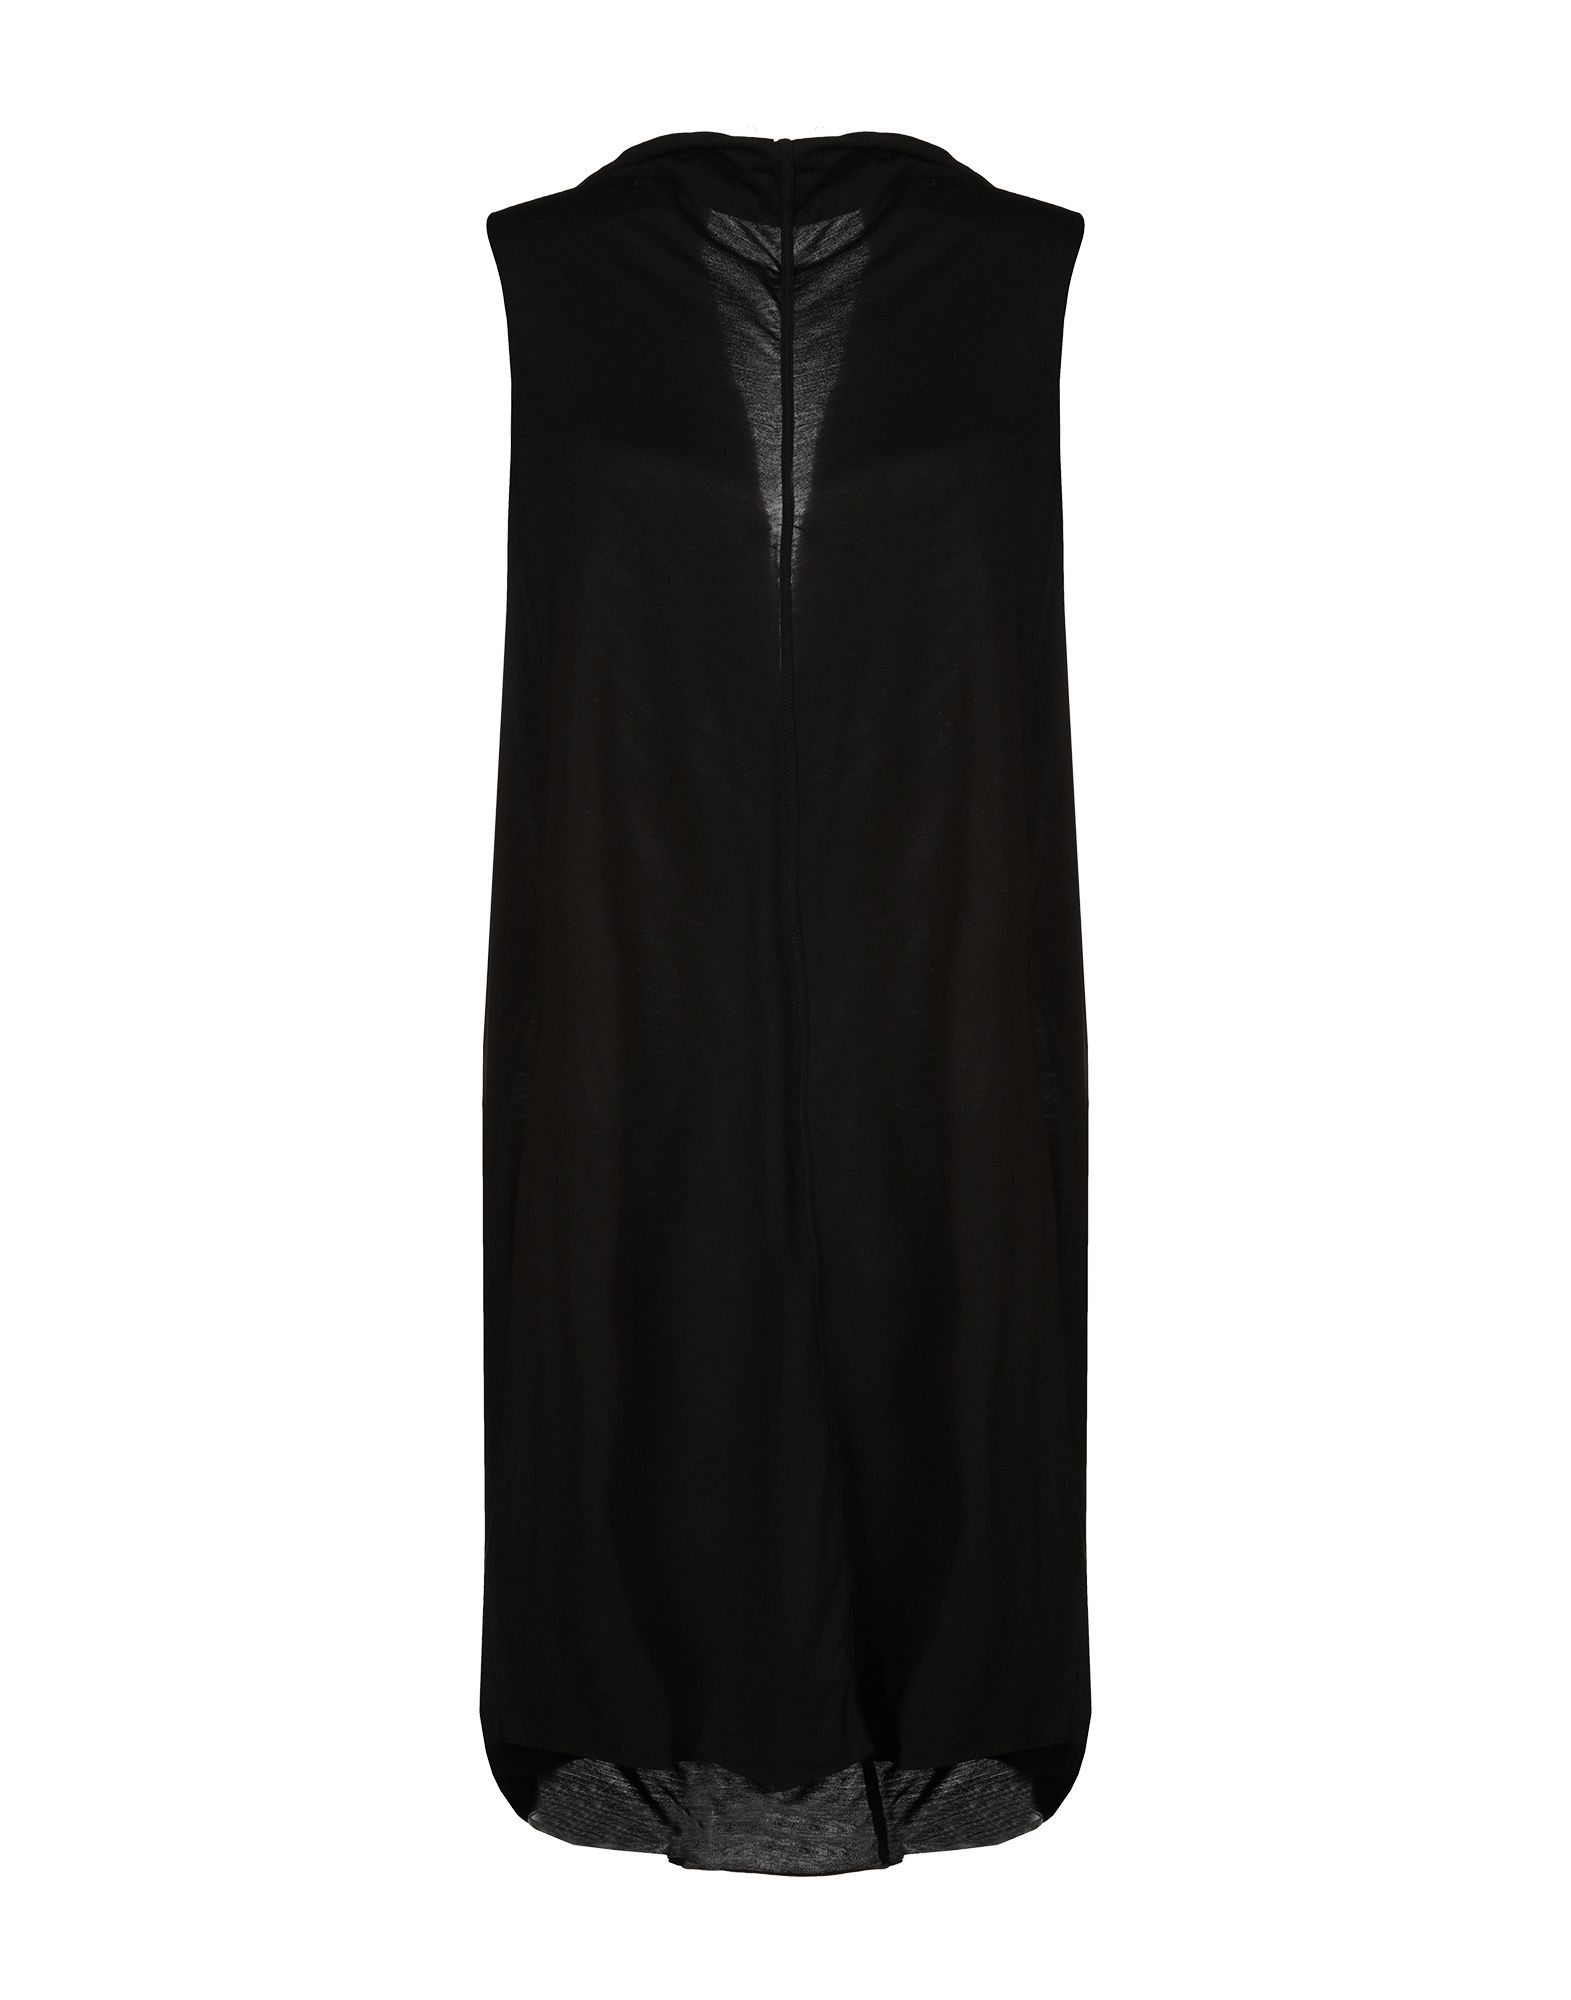 RICK OWENS LILIES Короткое платье коктейльное платье с драпировкой bebe платья и сарафаны коктейльные